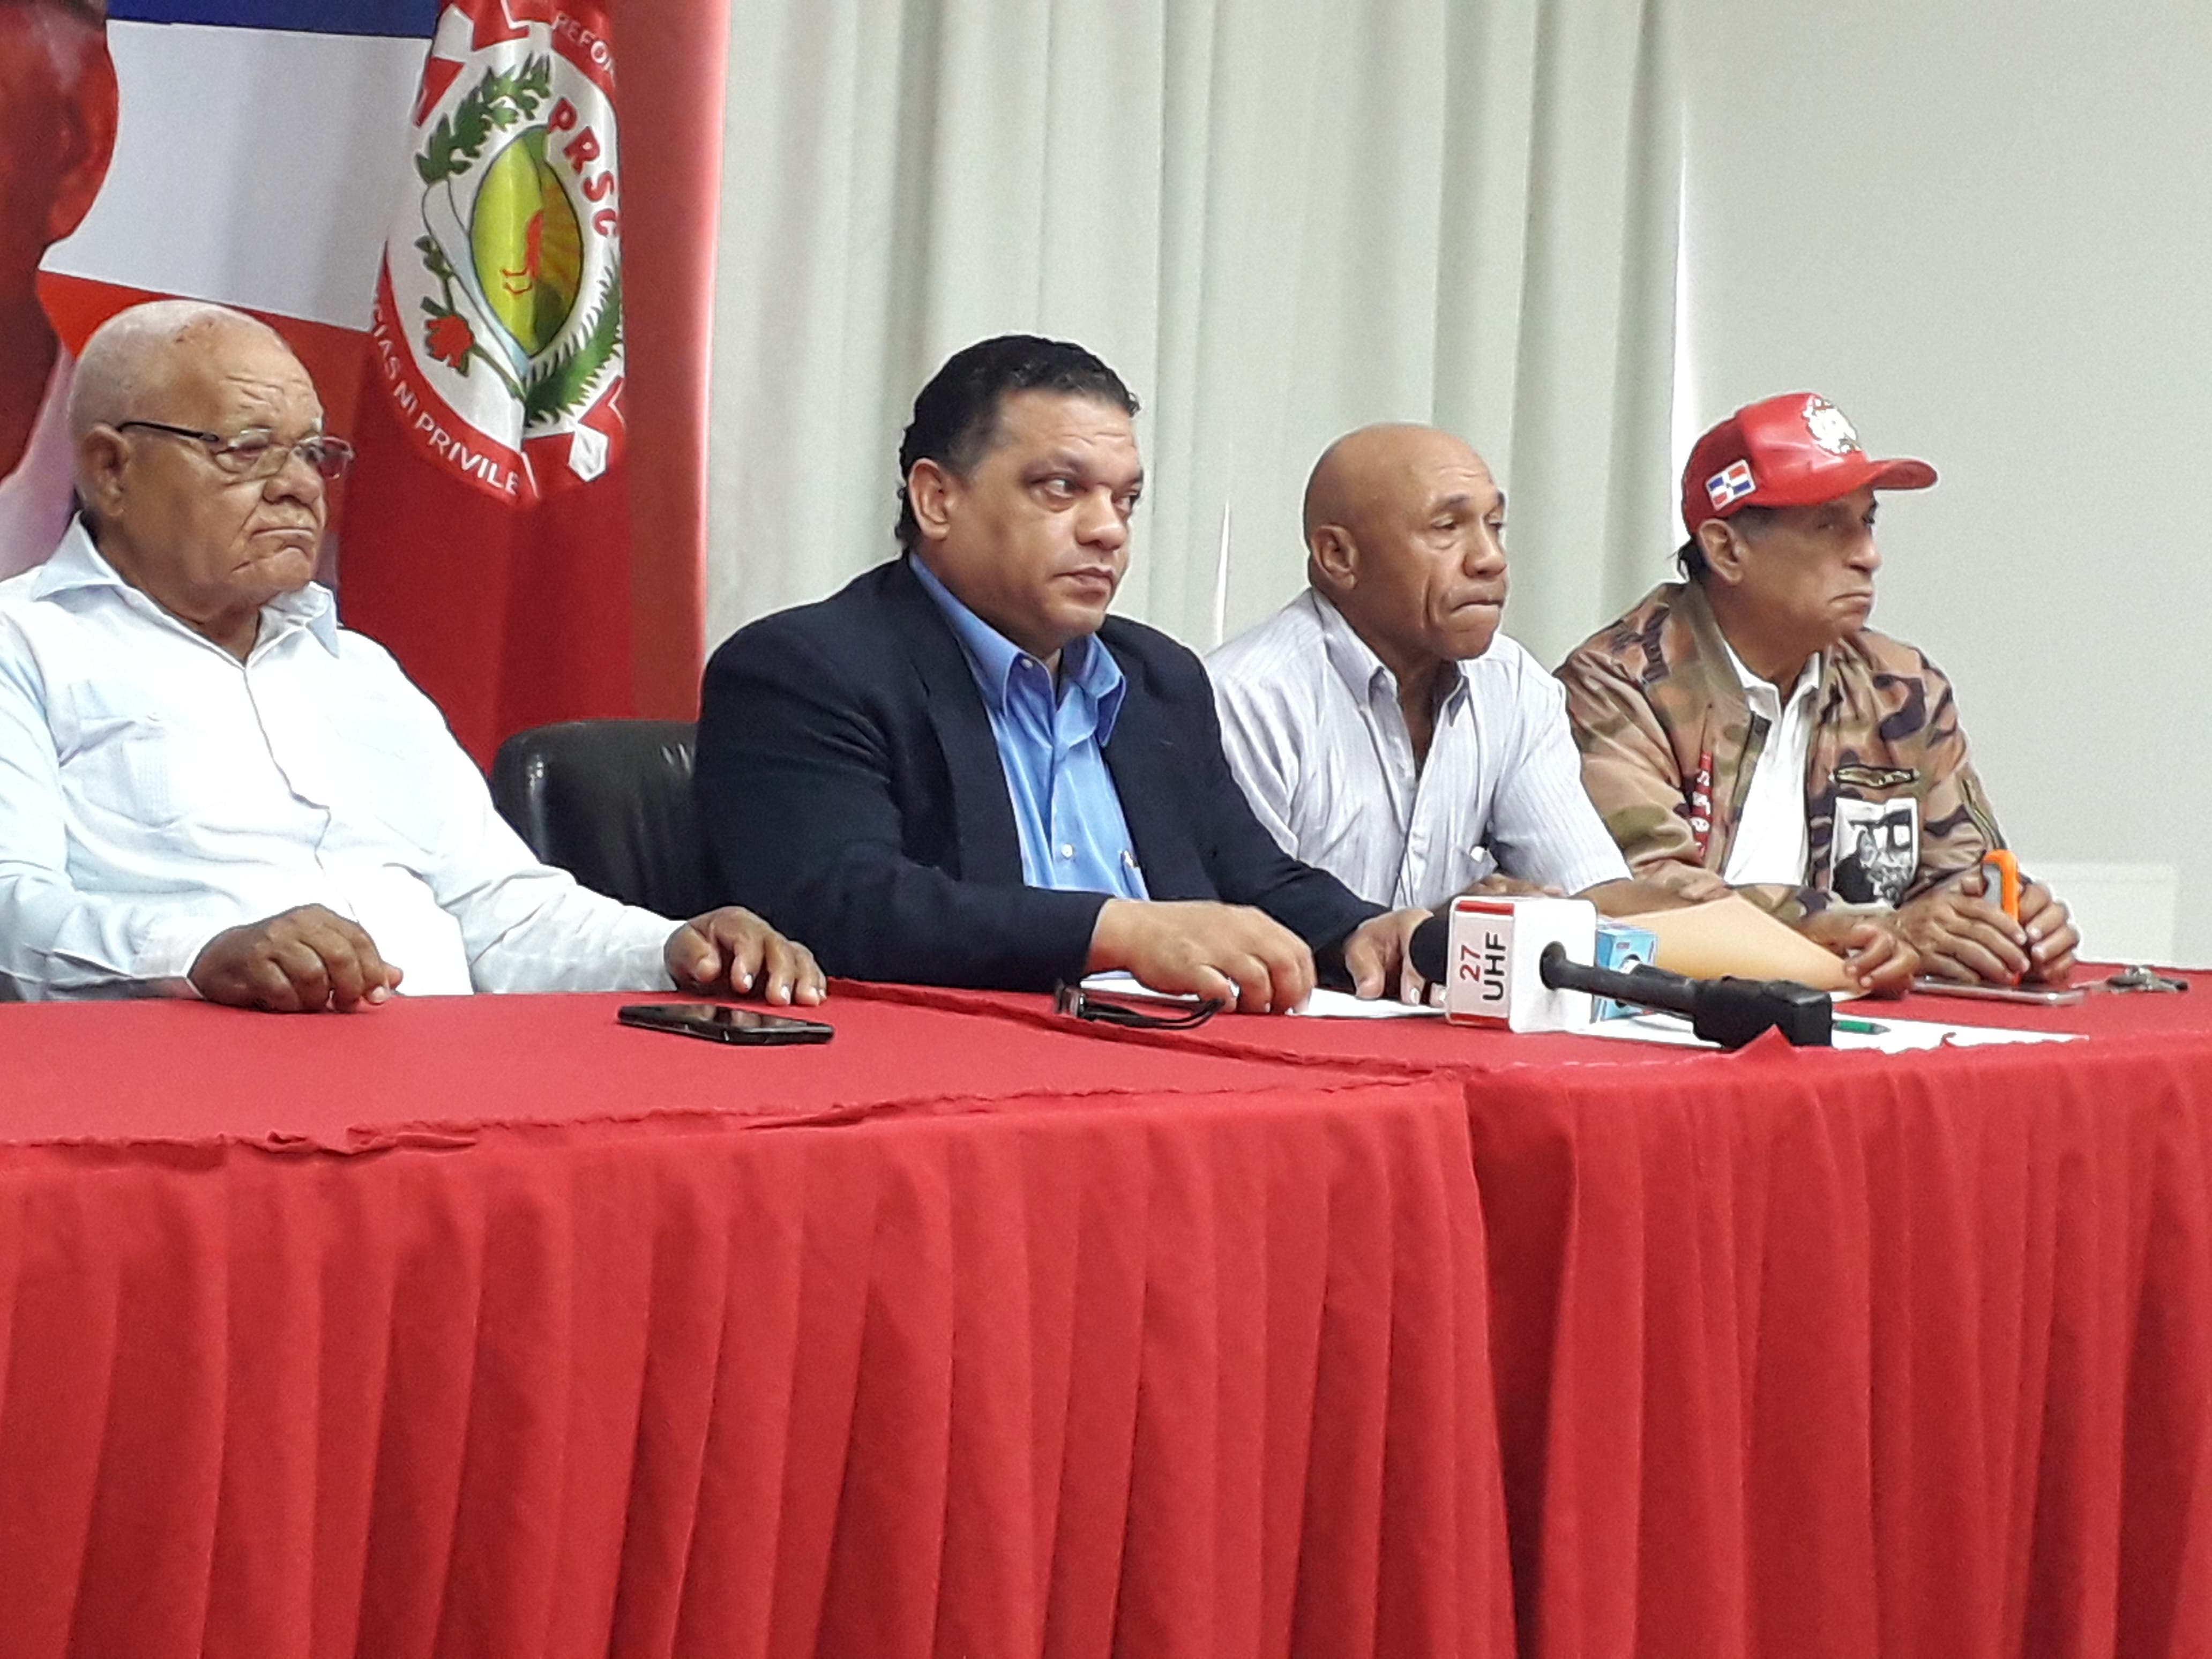 Día Nacional del chofer: Dirigentes choferiles aseguran estar desprotegidos